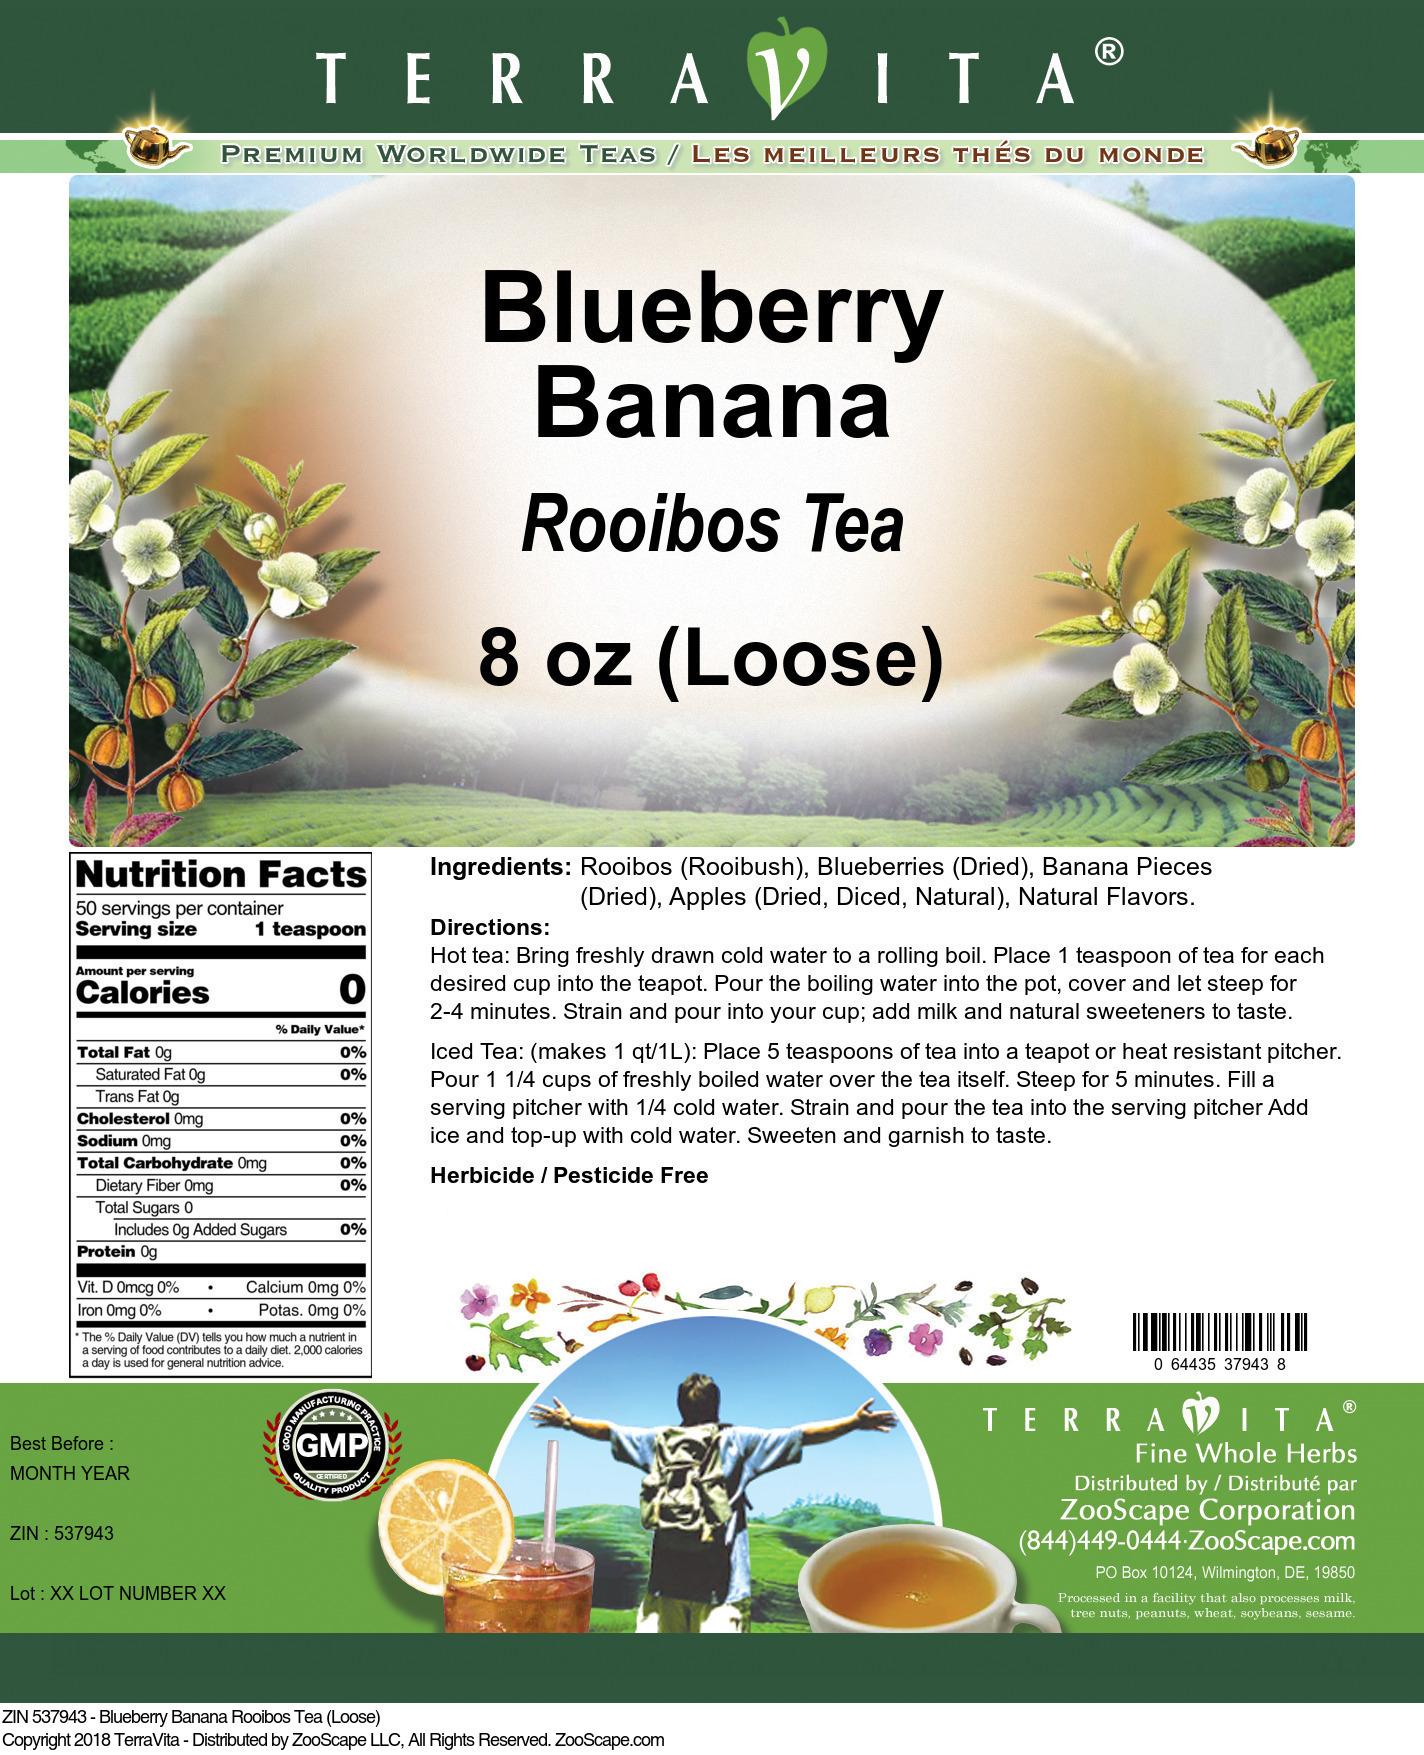 Blueberry Banana Rooibos Tea